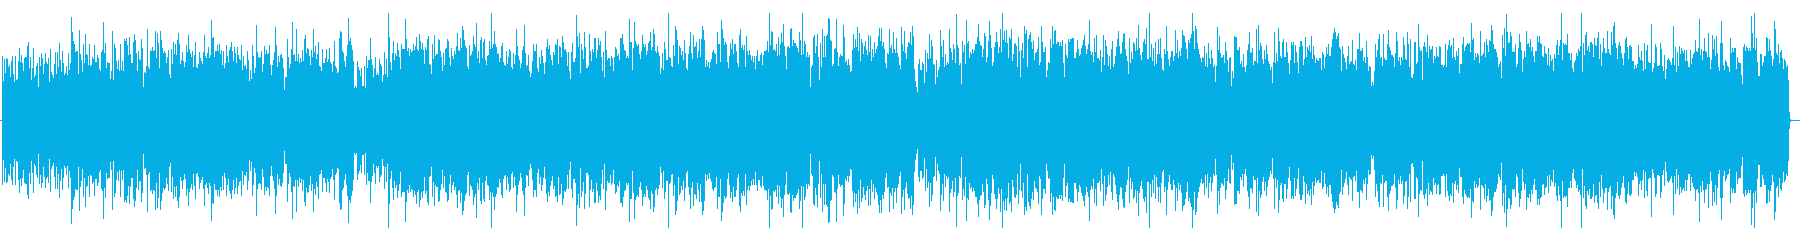 爽やかBGMの再生済みの波形